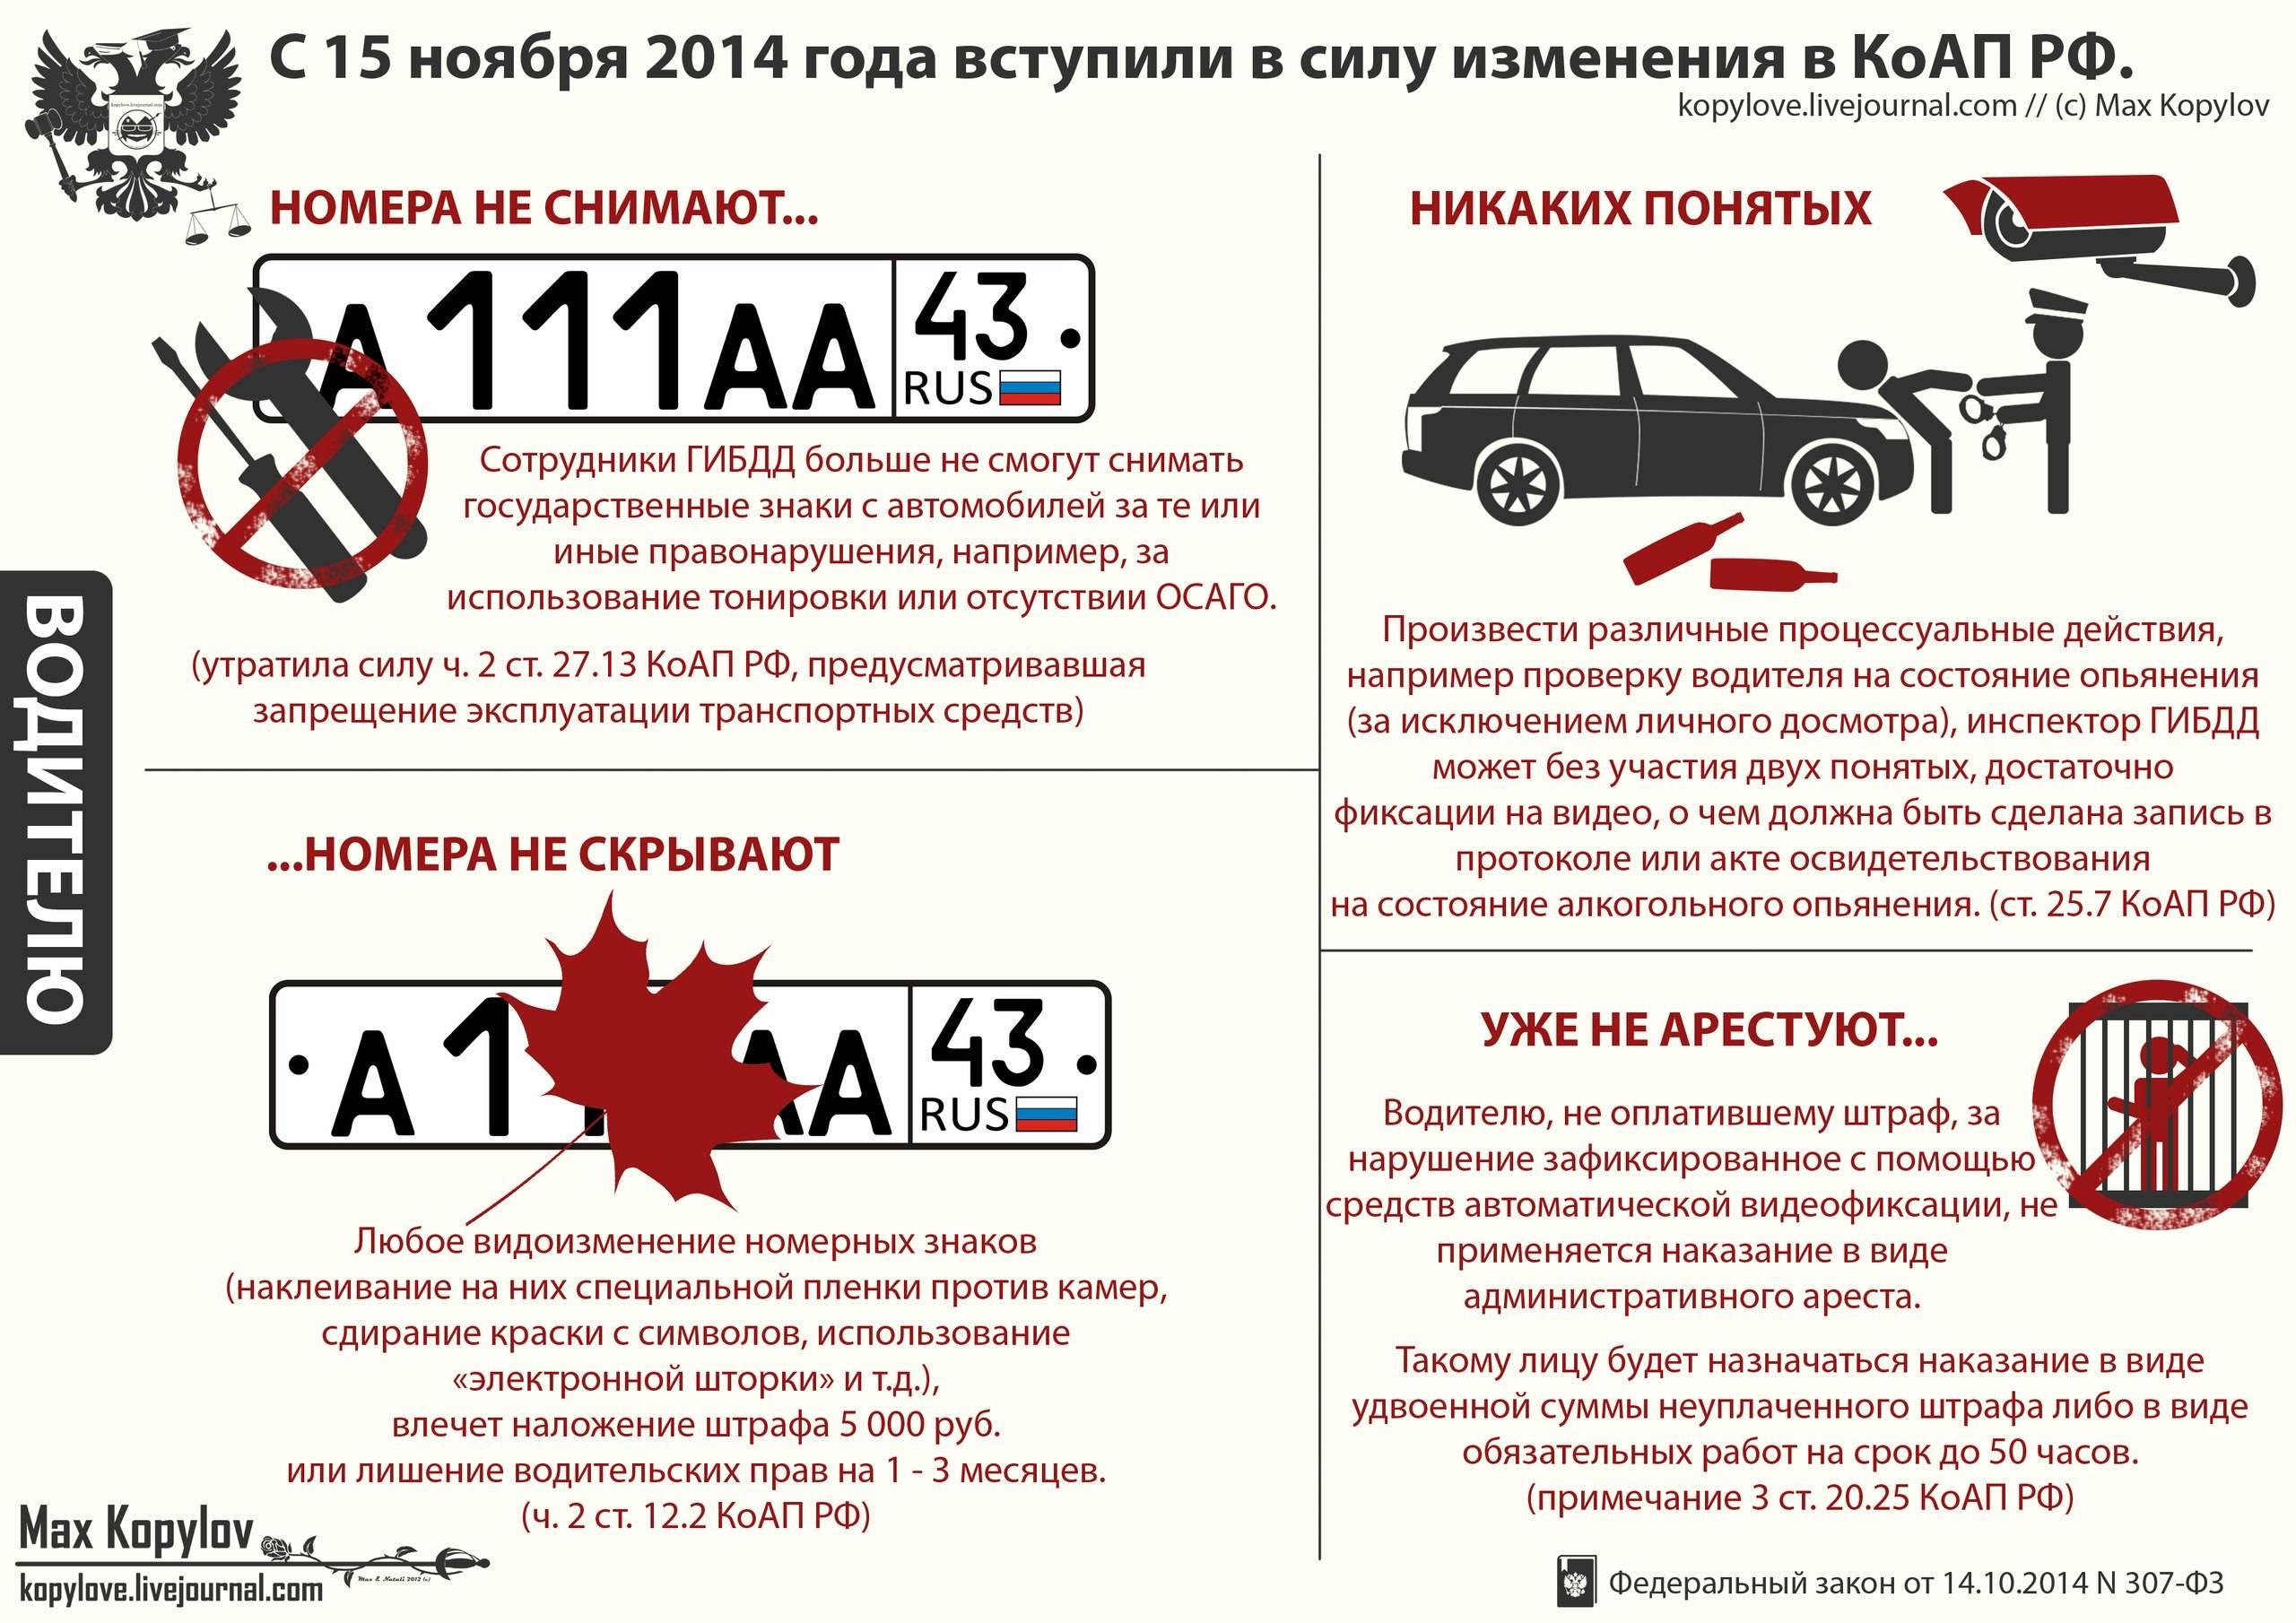 За несправедливые штрафы водителям будут платить 20 тысяч рублей компенсации